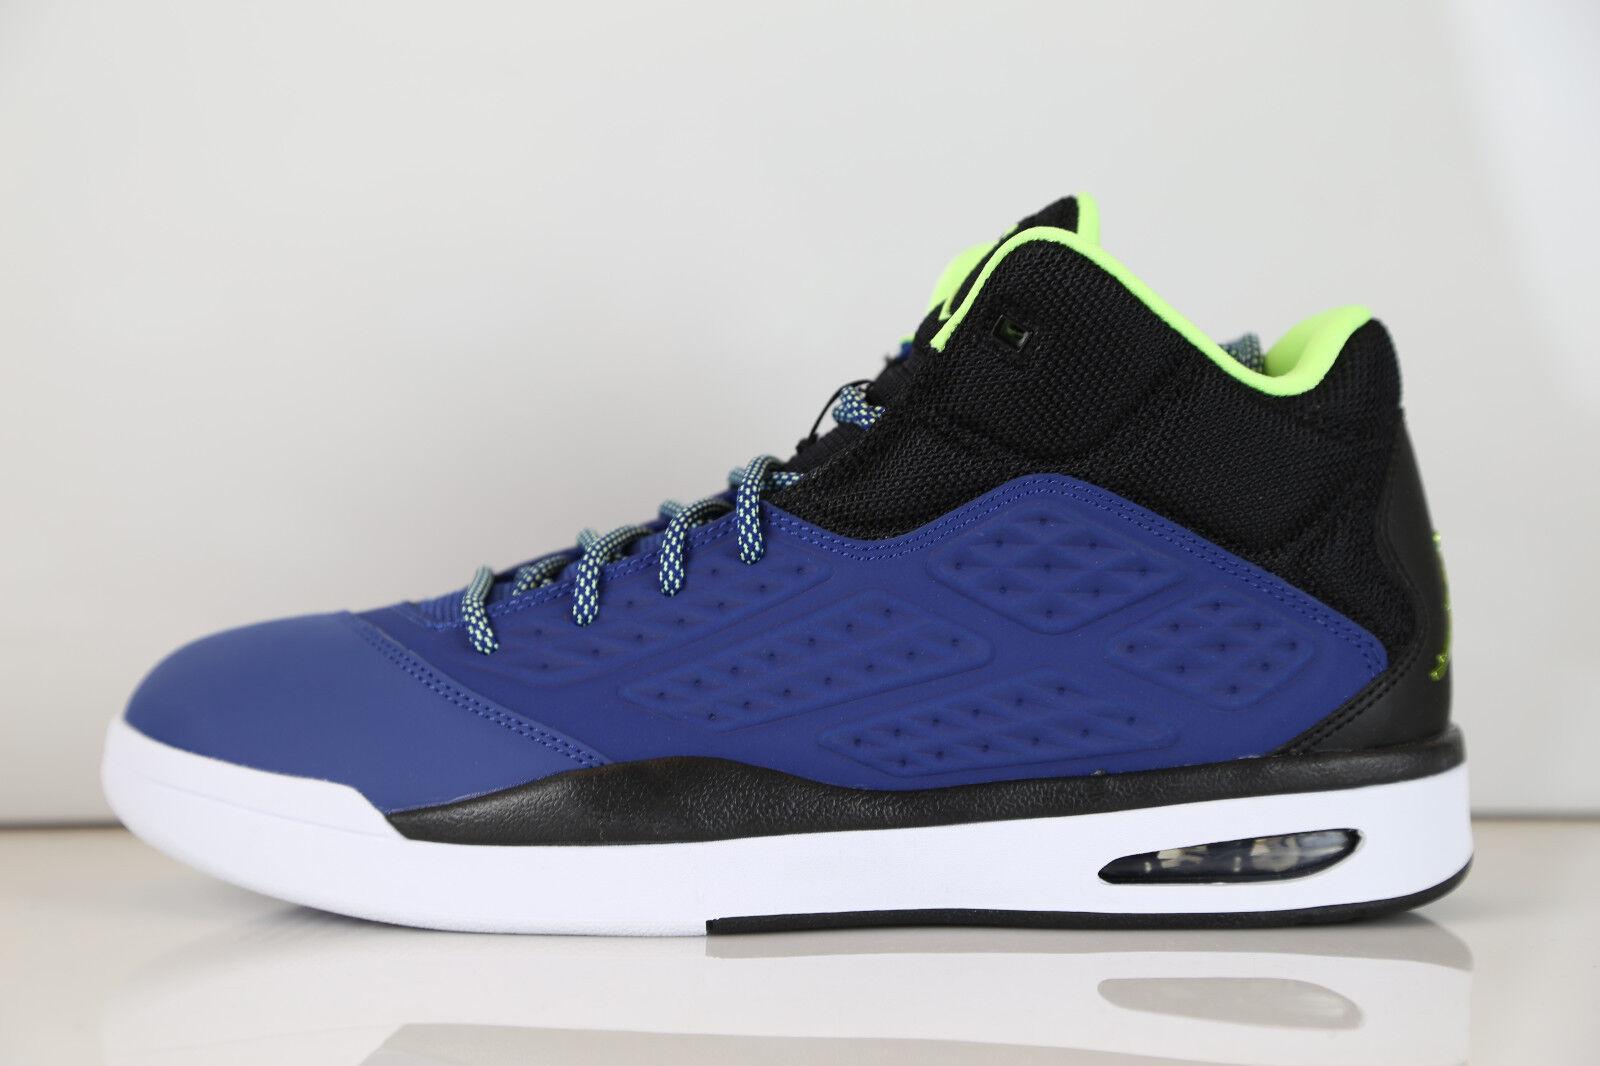 Nike Air Jordan New School Insignia Blue Ghost Green 768901-401 8-13 11 13